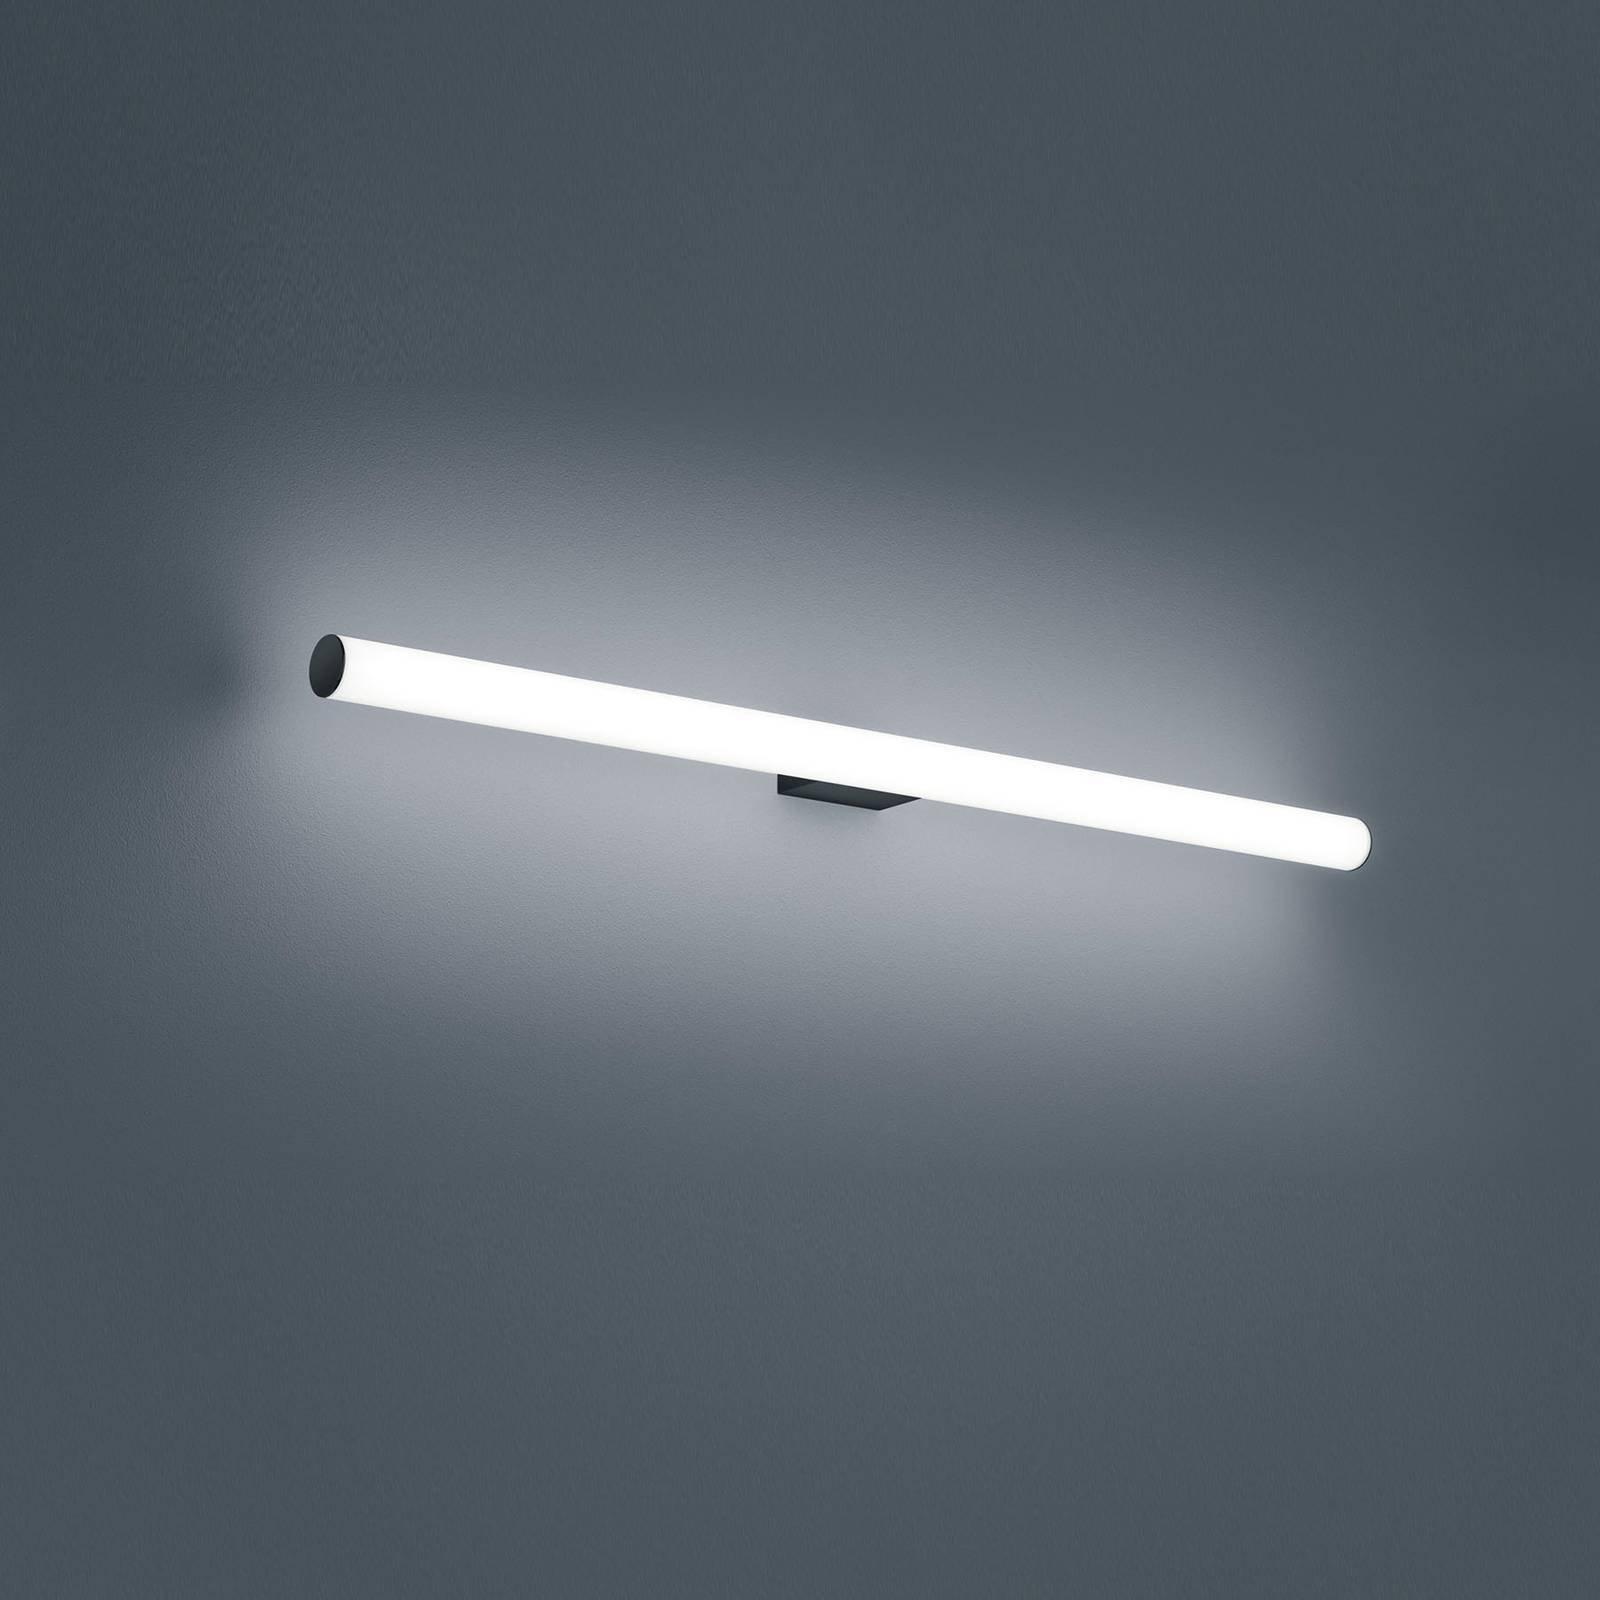 Helestra Loom LED-speillampe, svart, 90 cm